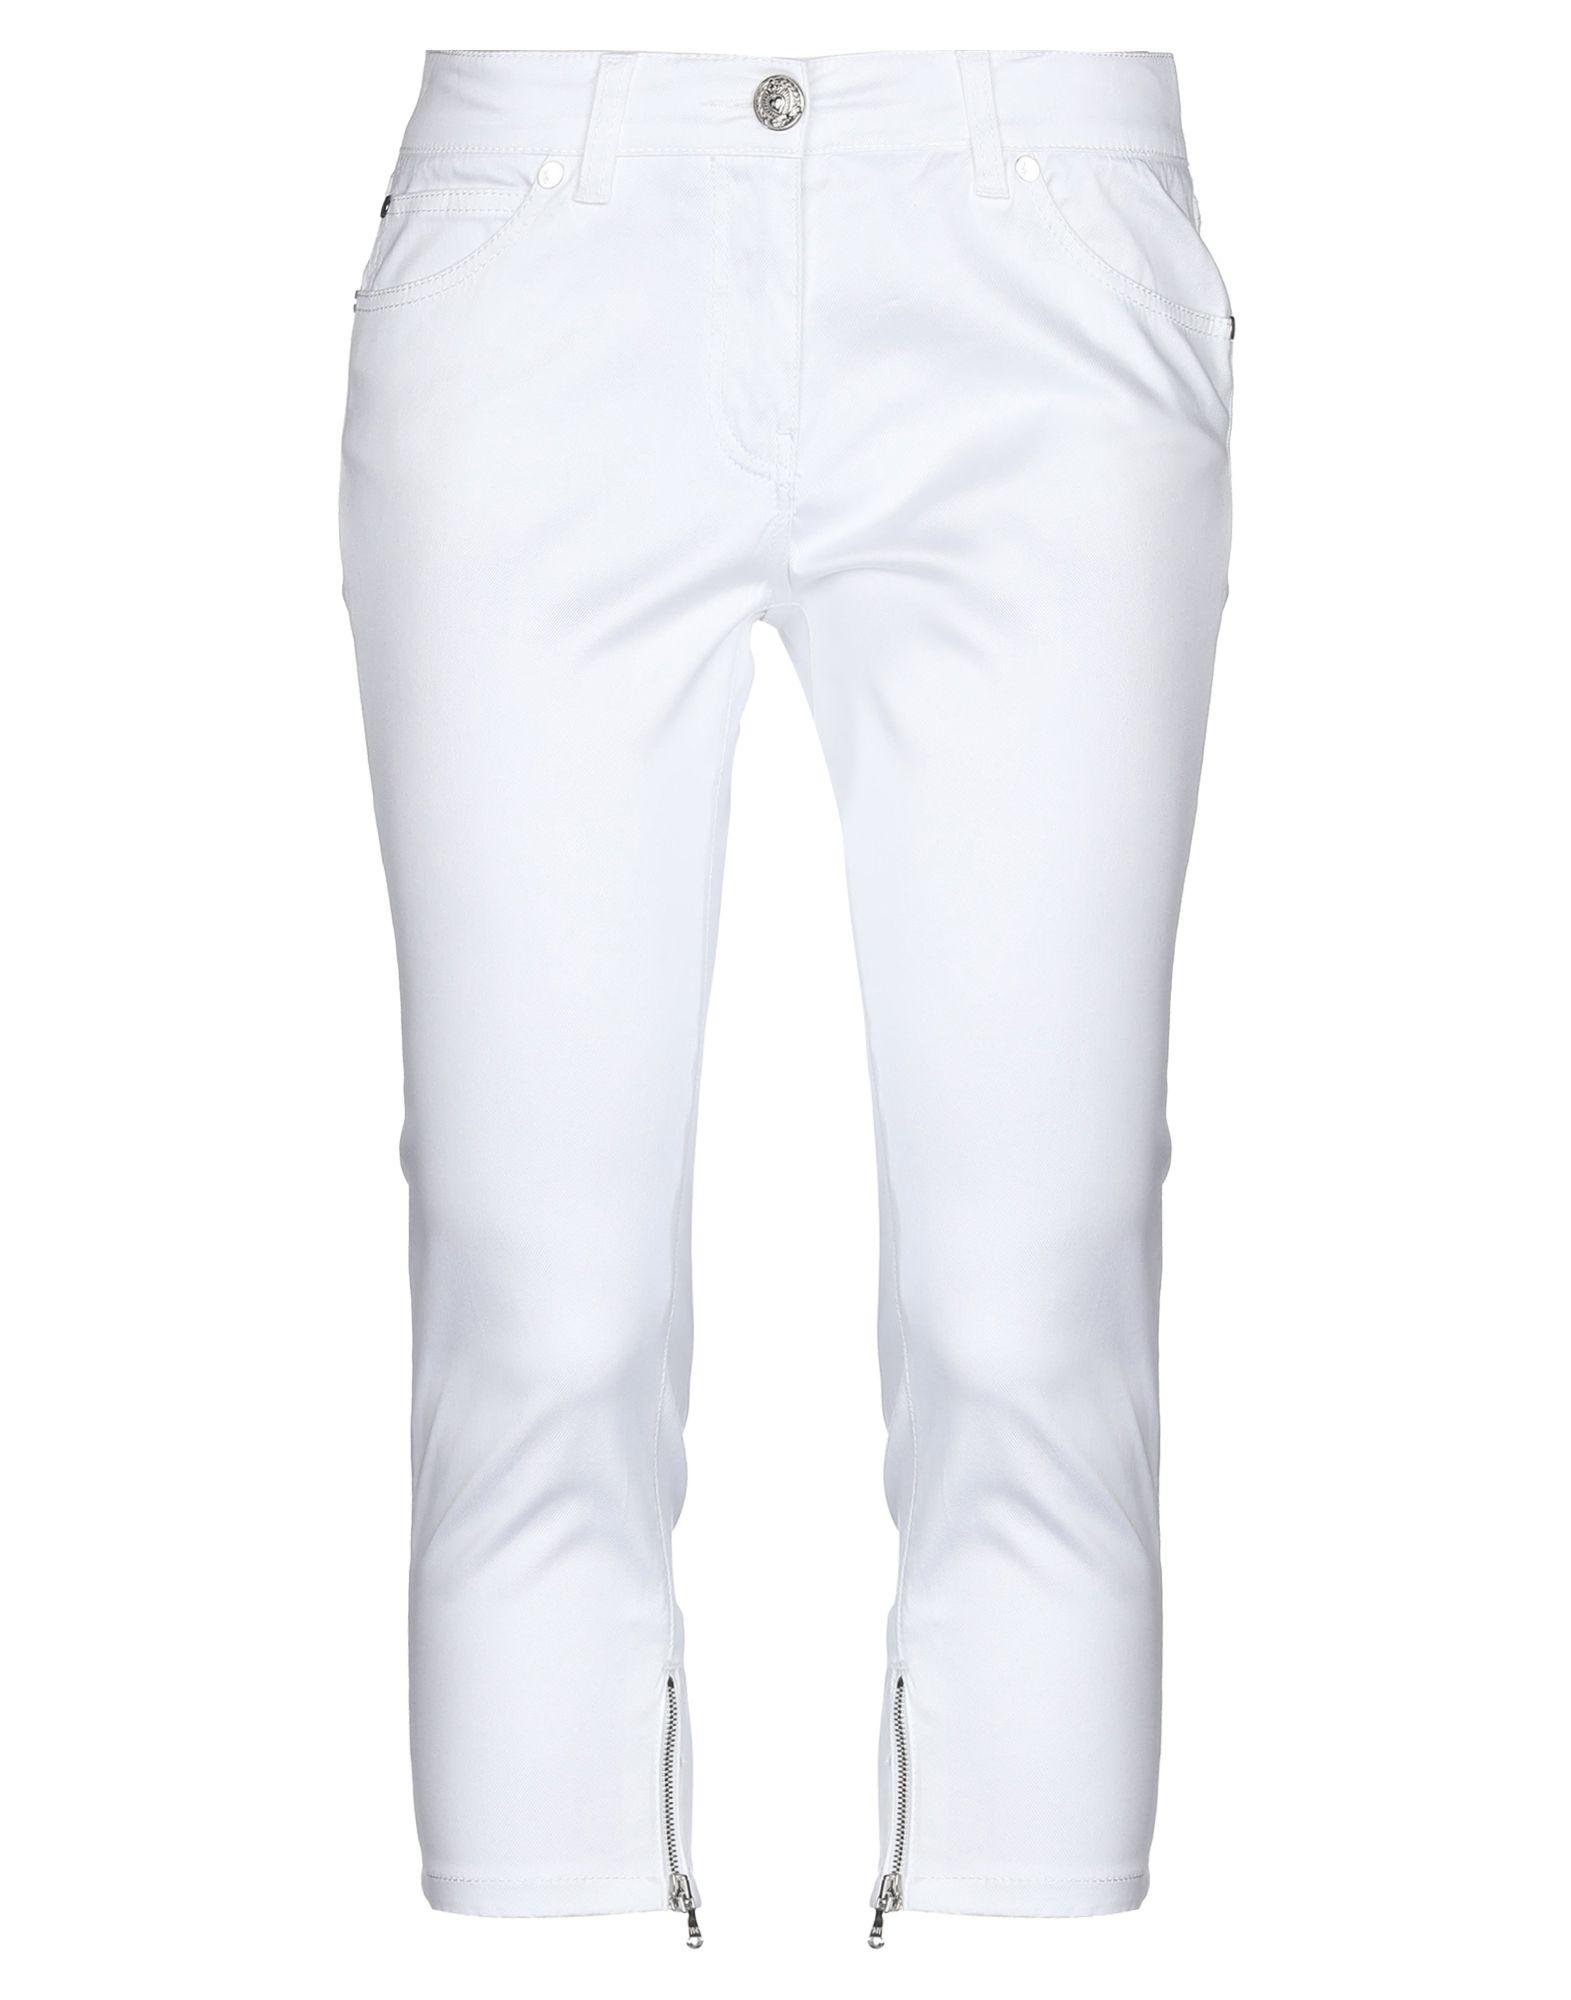 Фото - VDP SPORT Брюки-капри vdp collection брюки капри